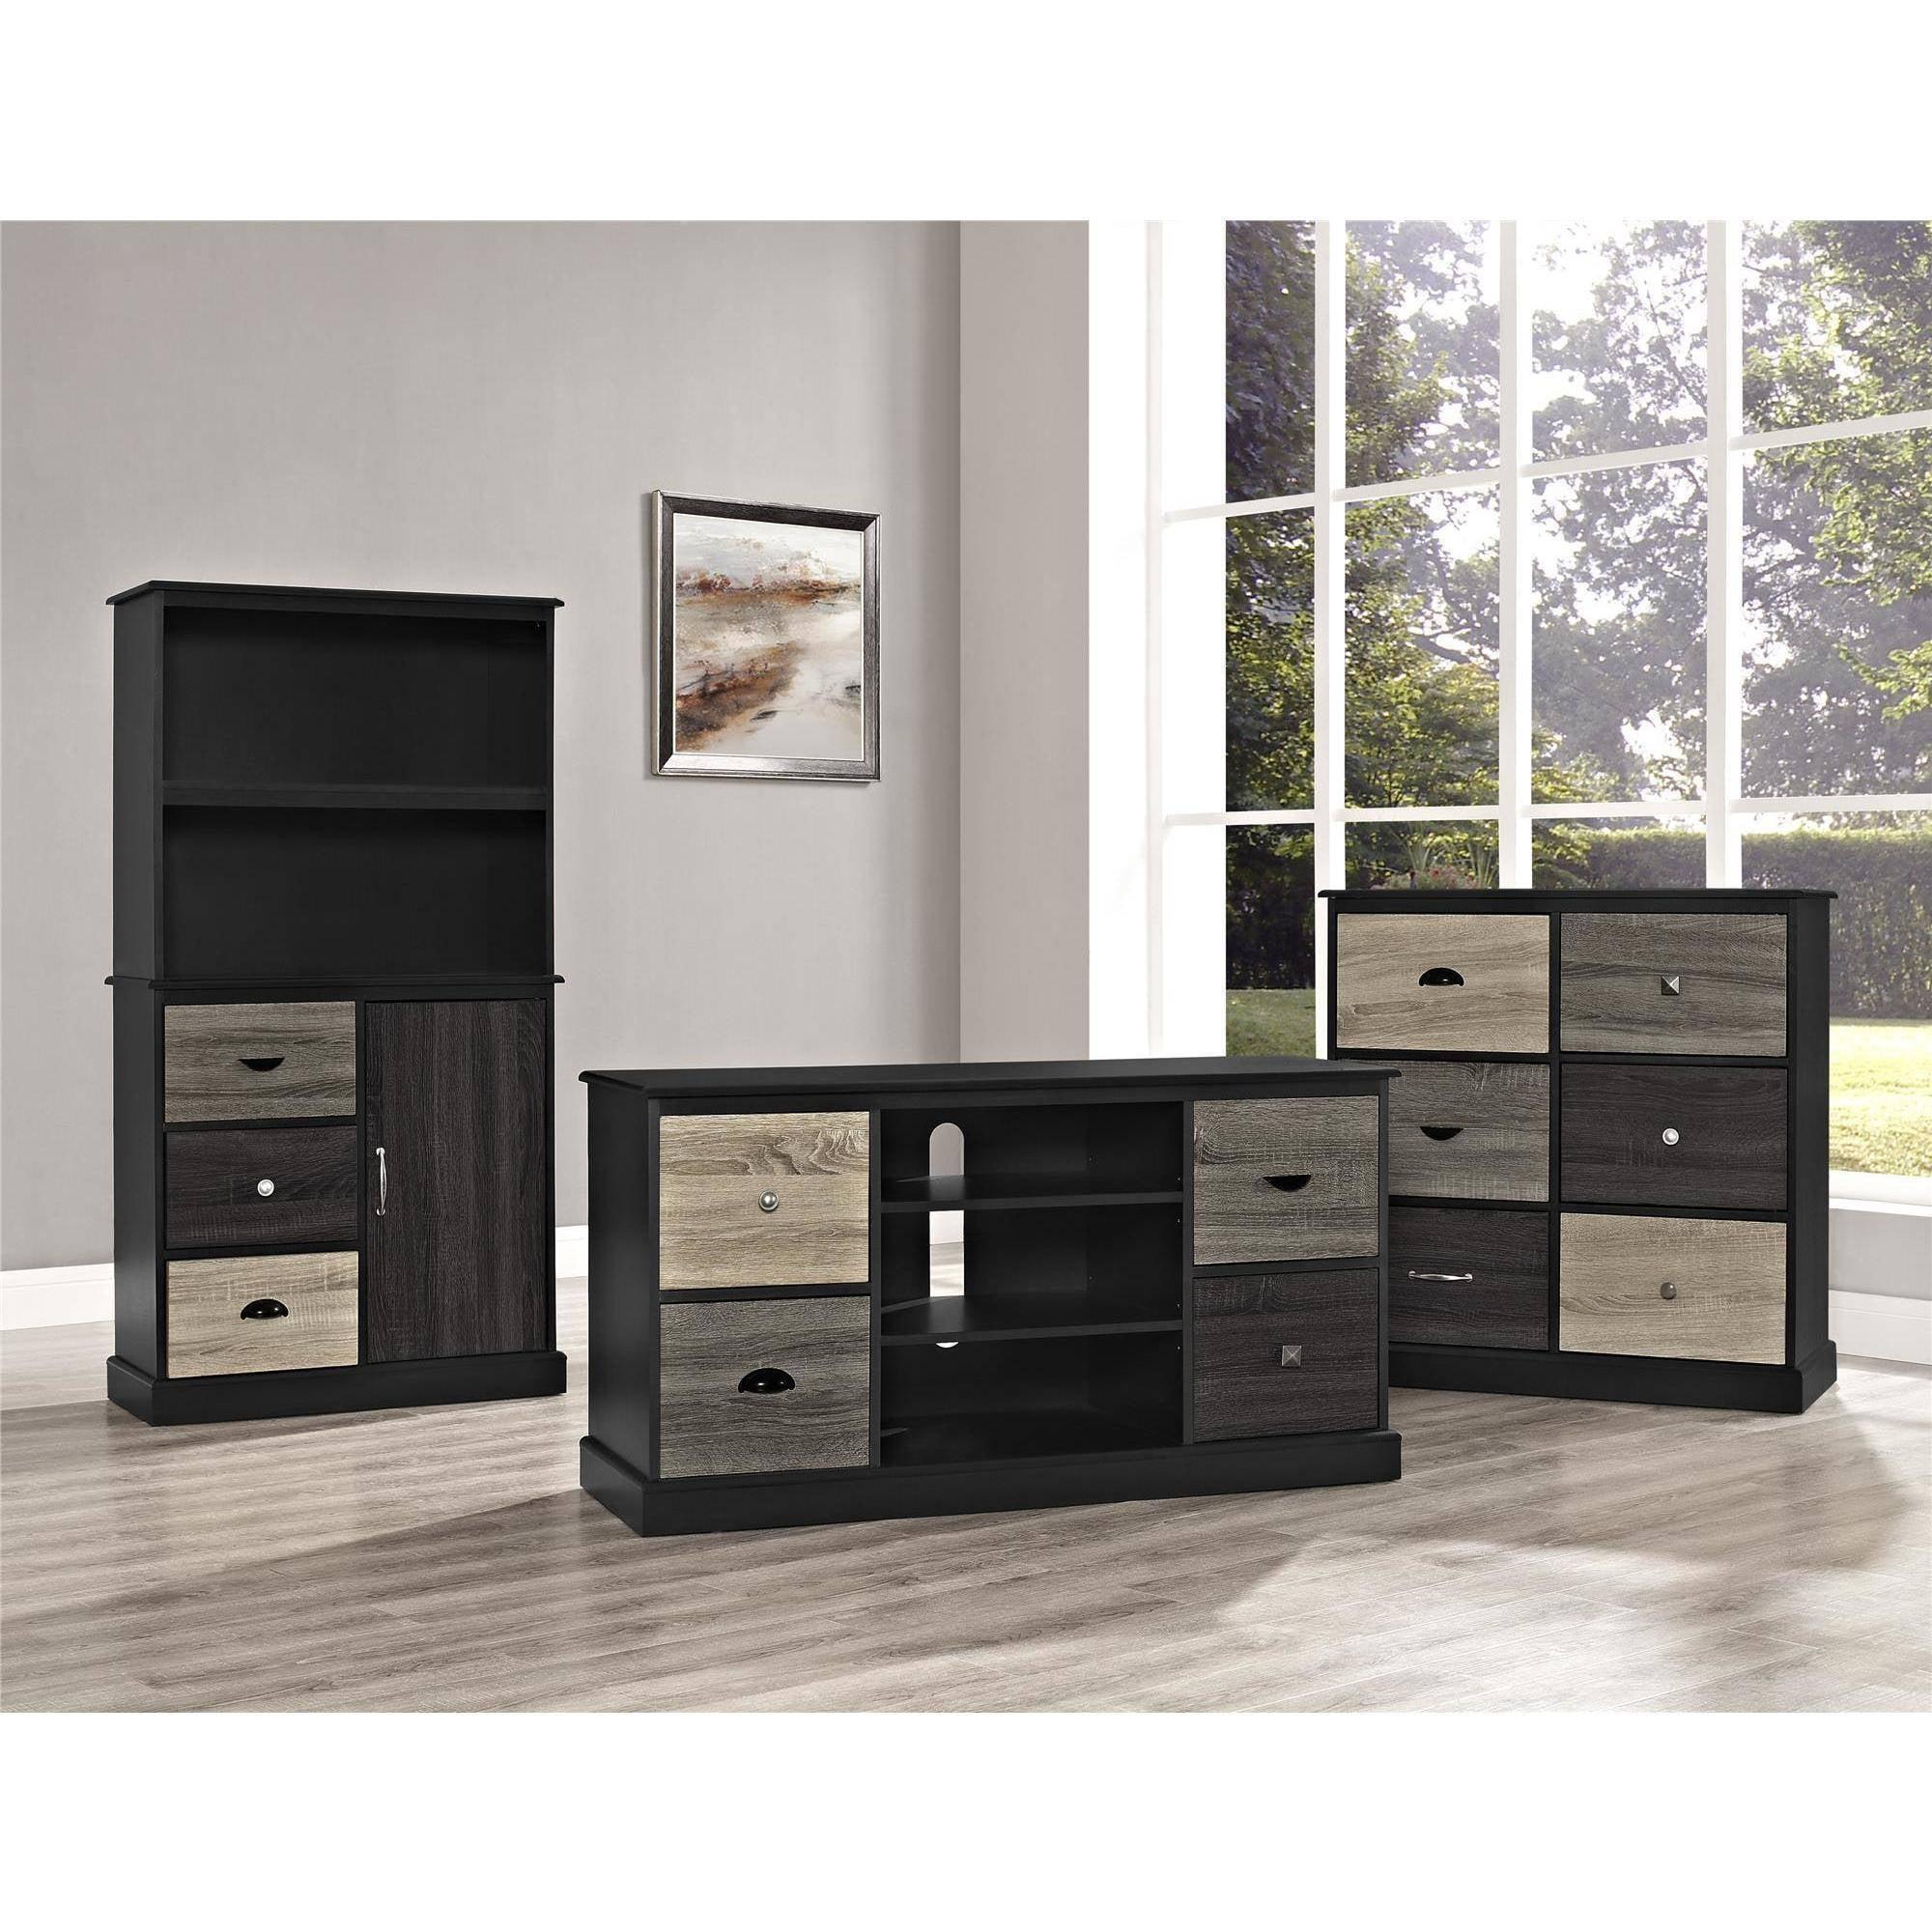 Stupendous Altra Furniture Mercer 6 Cube Storage Unit Black Walmart Com Largest Home Design Picture Inspirations Pitcheantrous